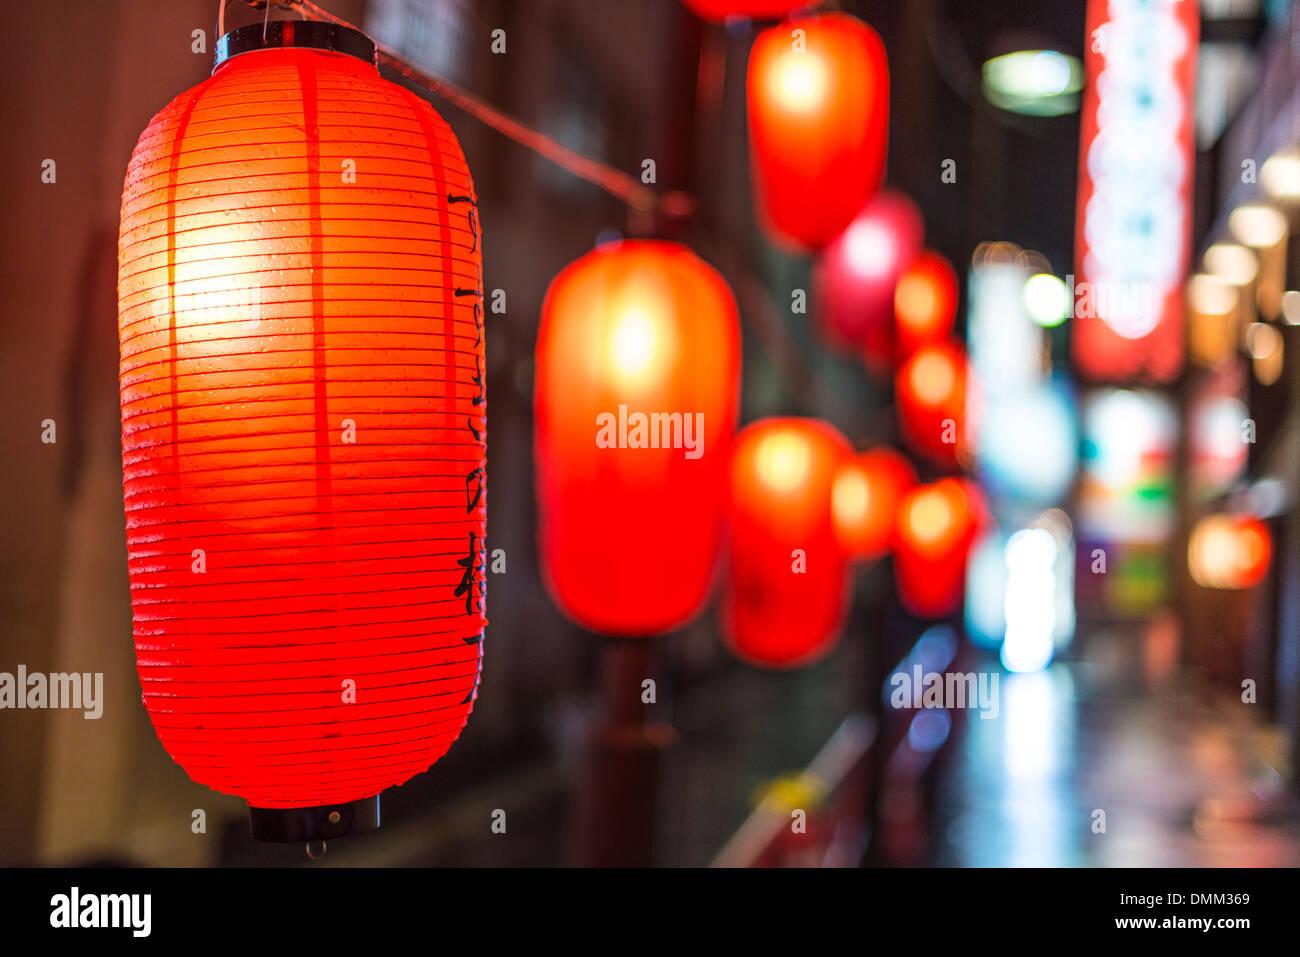 Laternen in Susukino Bezirk von Sapporo, Japan. Stockbild